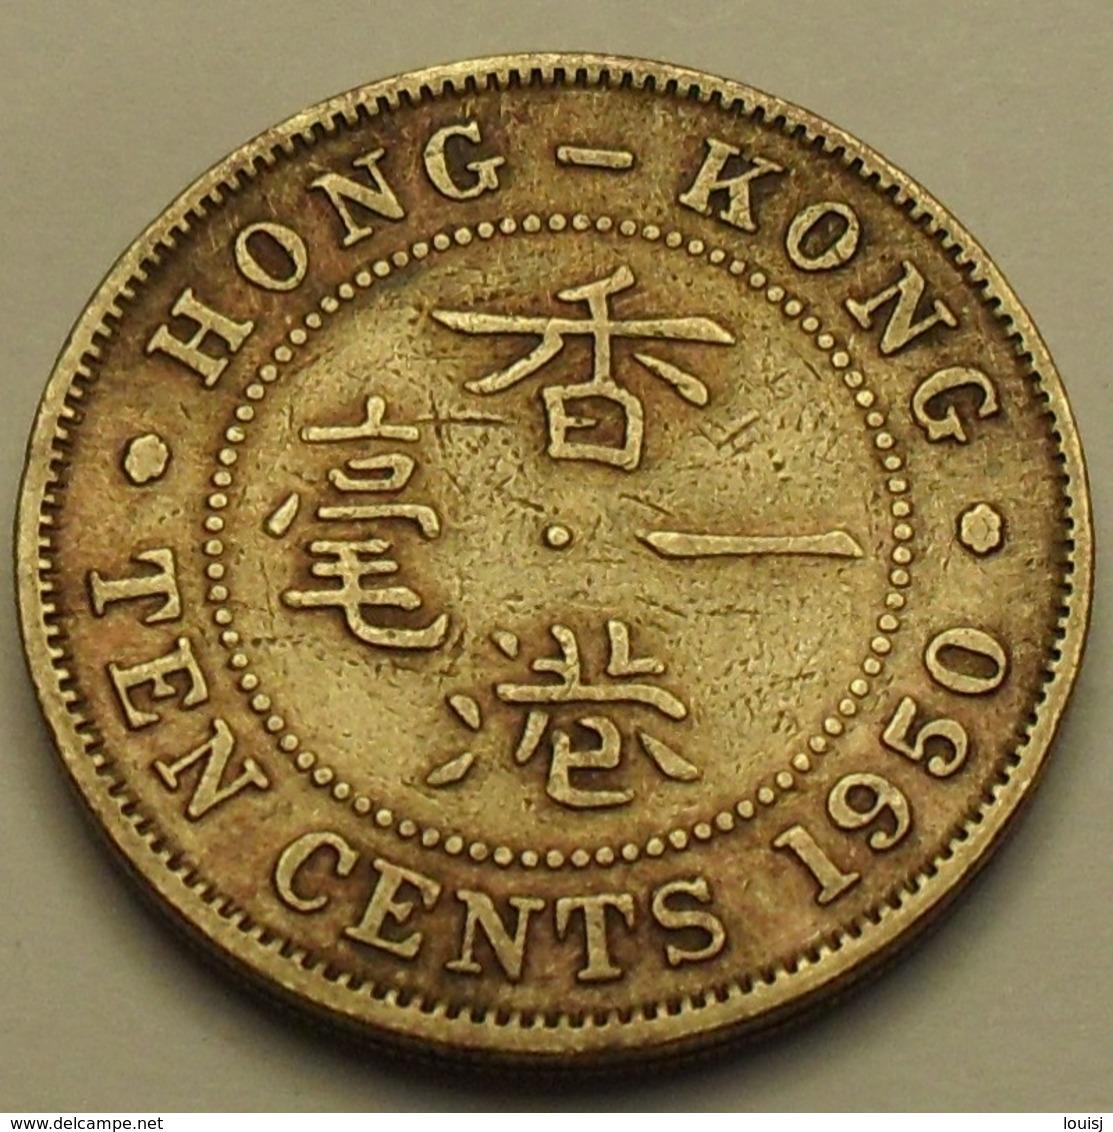 1950 - Hong Kong - TEN CENTS, GEORGE VI, KM 25 - Hong Kong